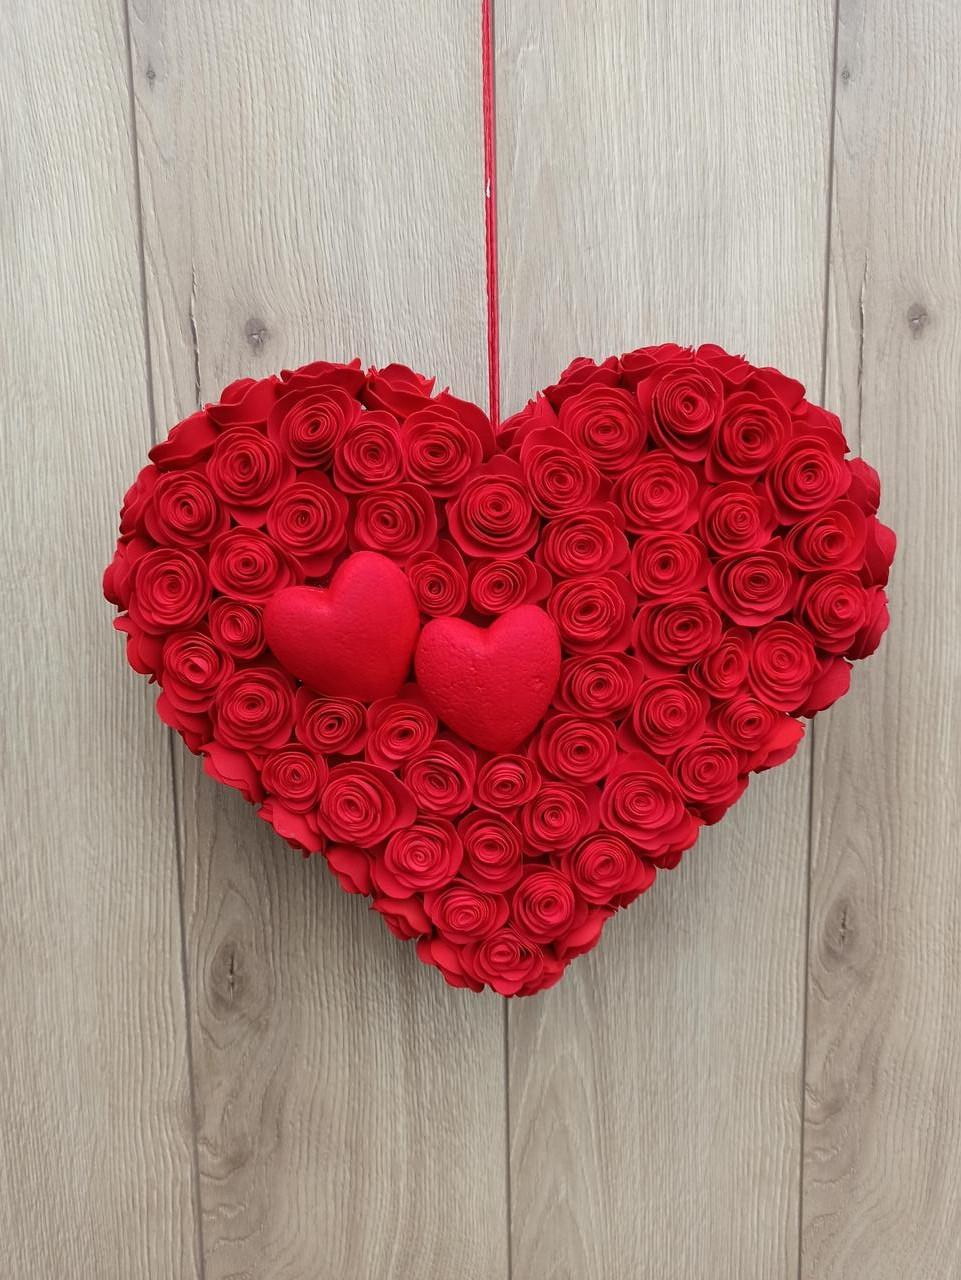 Червоне серце з троянд